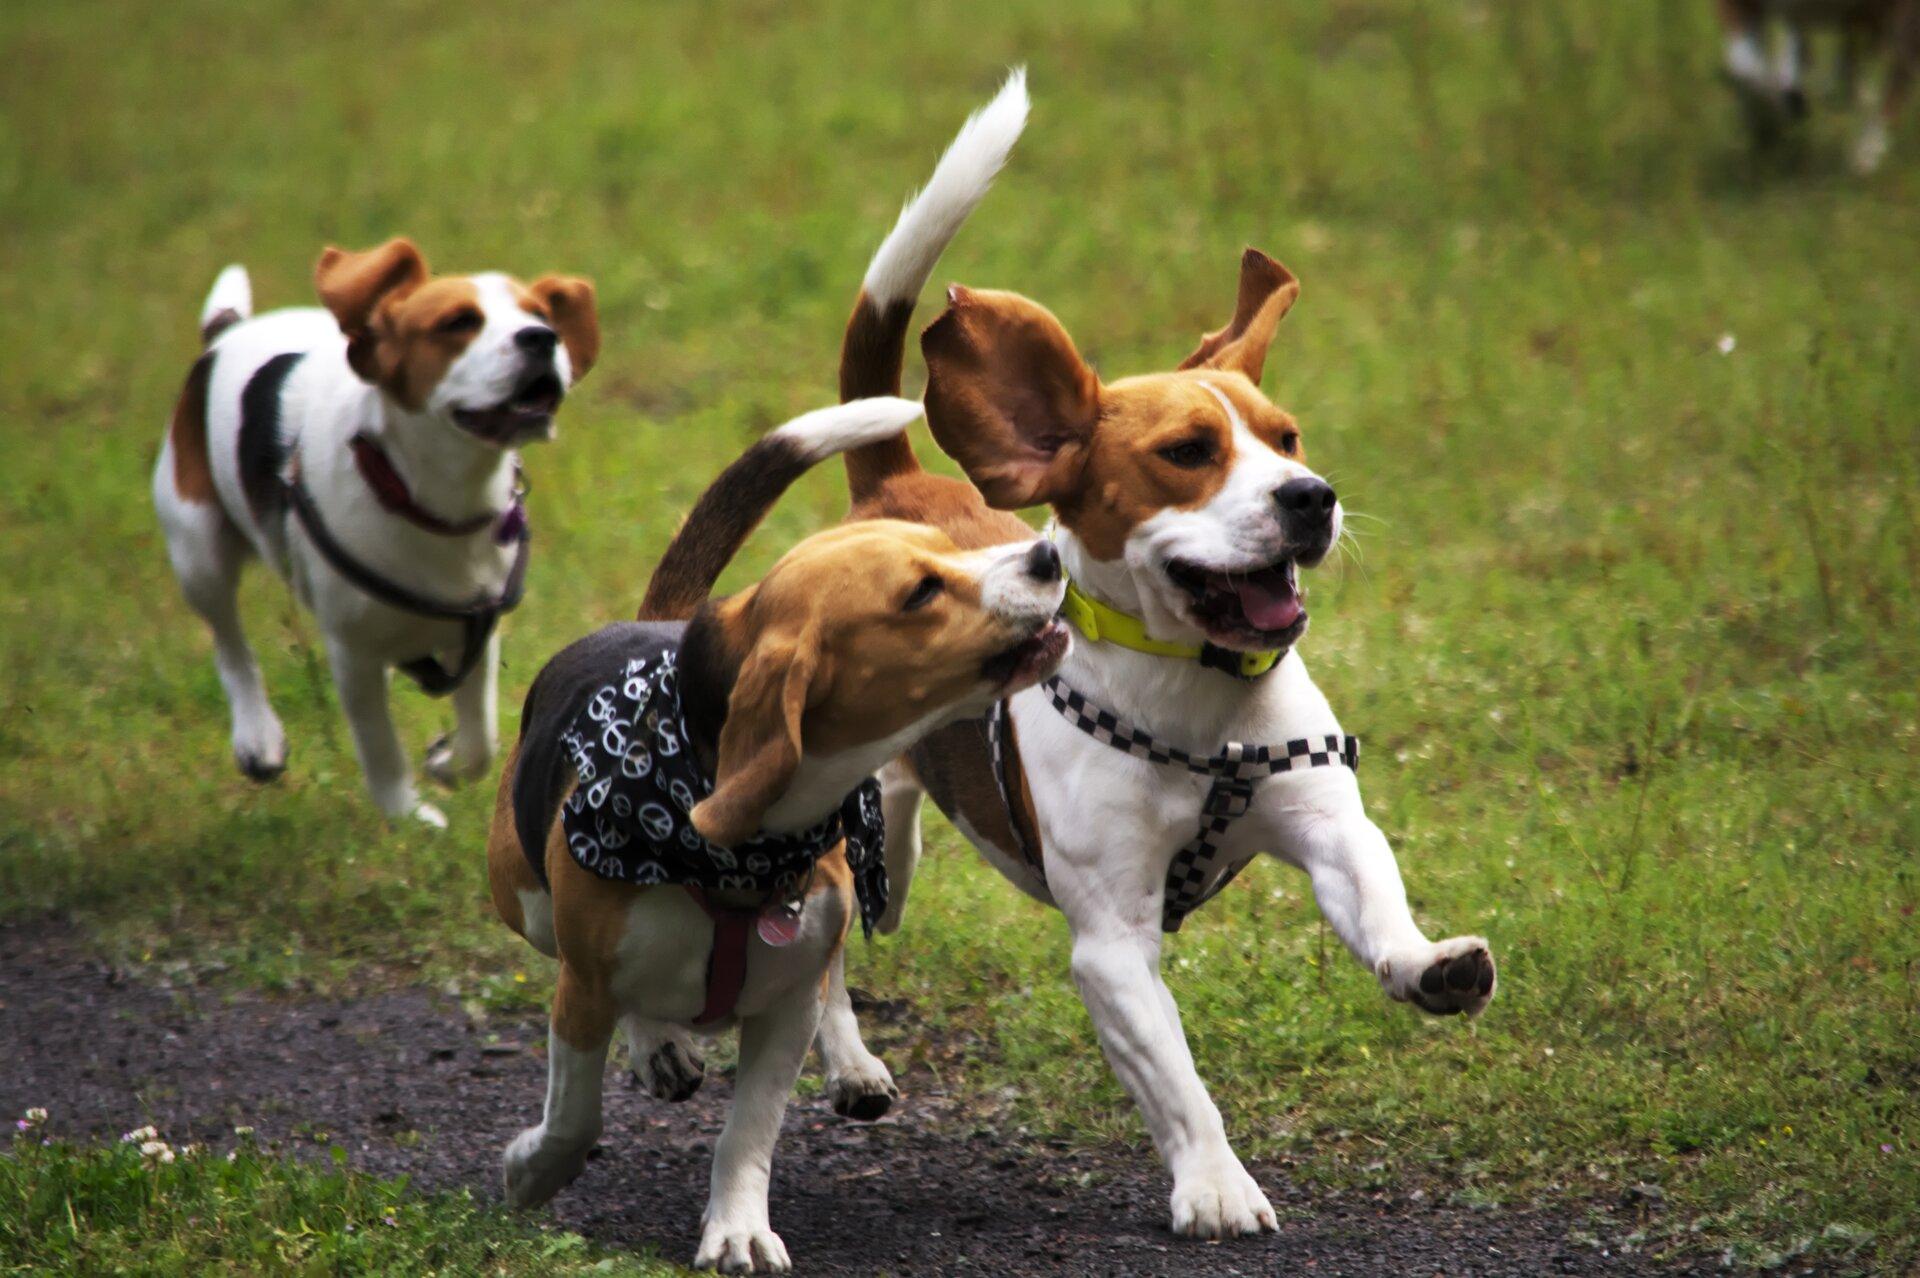 Fotografia przedstawia 3 biegnące po ścieżce wtrawie szczeniakirasy Beagle. Są biało – brązowe, mają długie uszy ikrótkie łapy. 2 ubrane wszelki, jeden ma czarno – białą apaszkę iczarny kubrak.